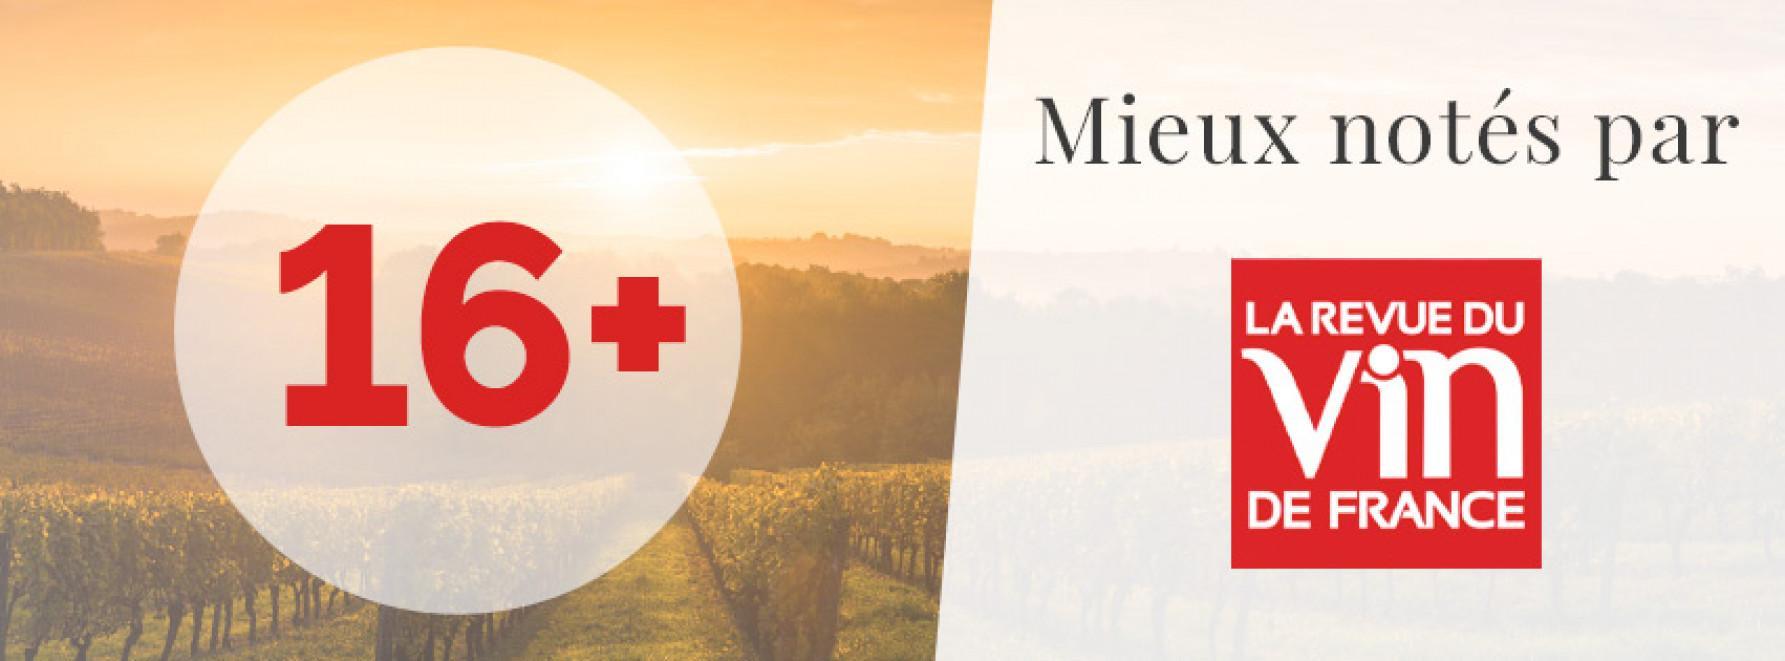 Mieux notés par la Revue du Vin de France